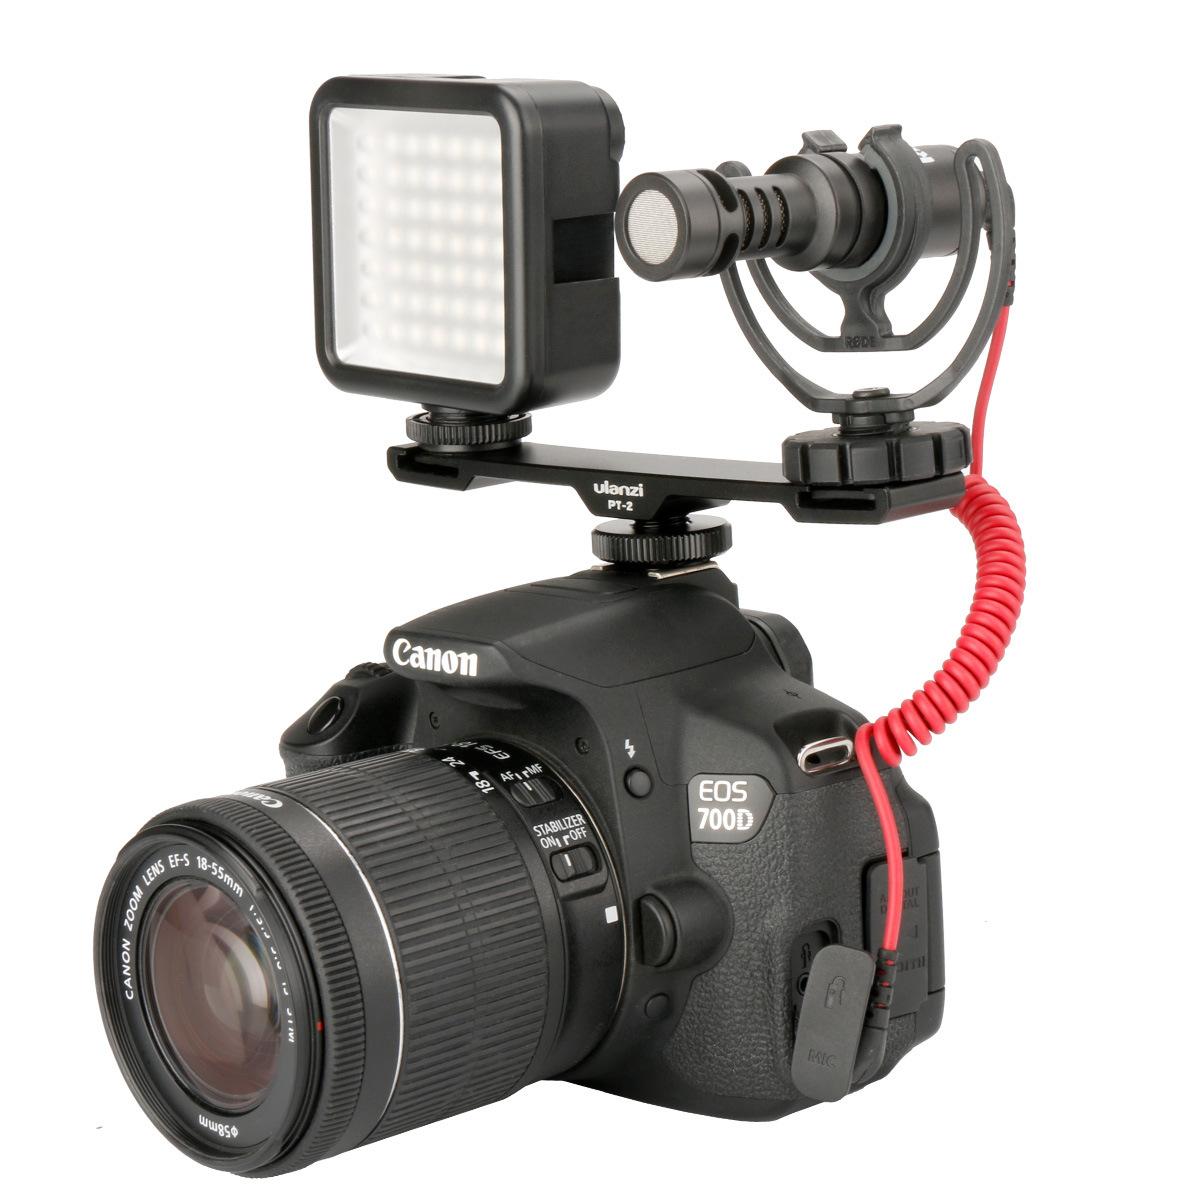 Ulanzi PT-2 Двойная холодная фотосъемка для фотокамеры 1/4 Резьбовой кронштейн Пластина для Микрофон Вспышка